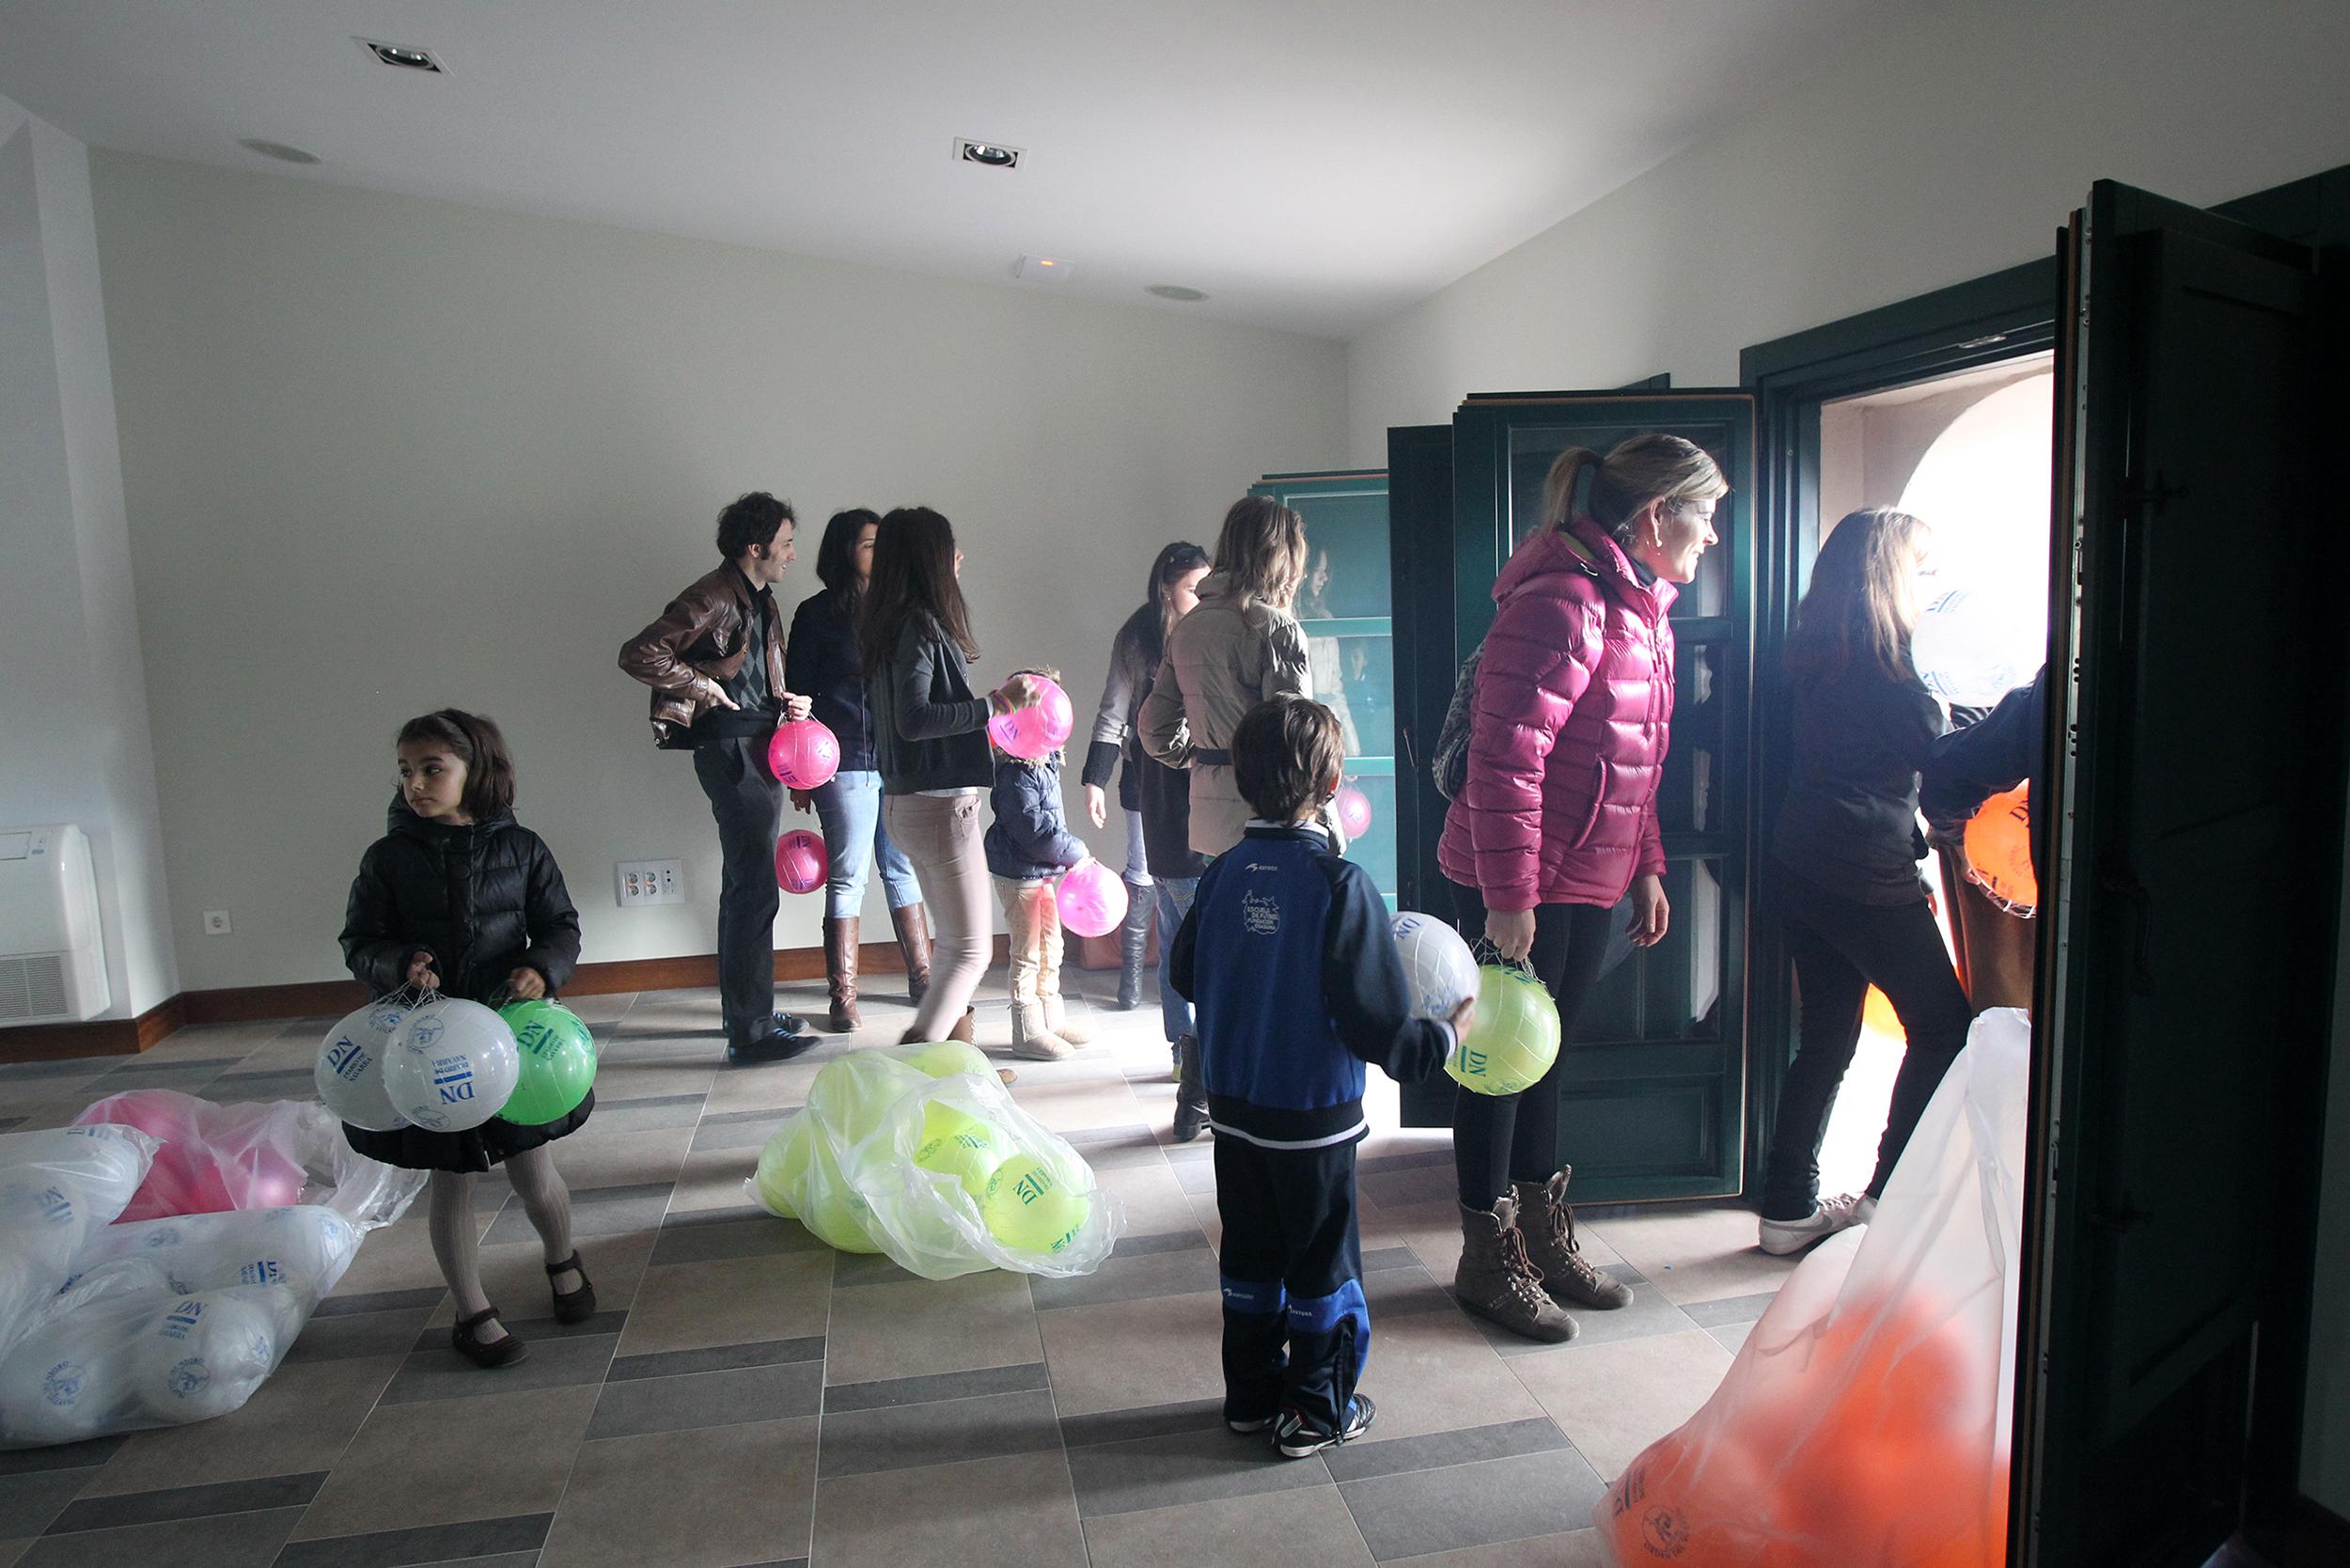 Lanzamiento de balones el día del volatín